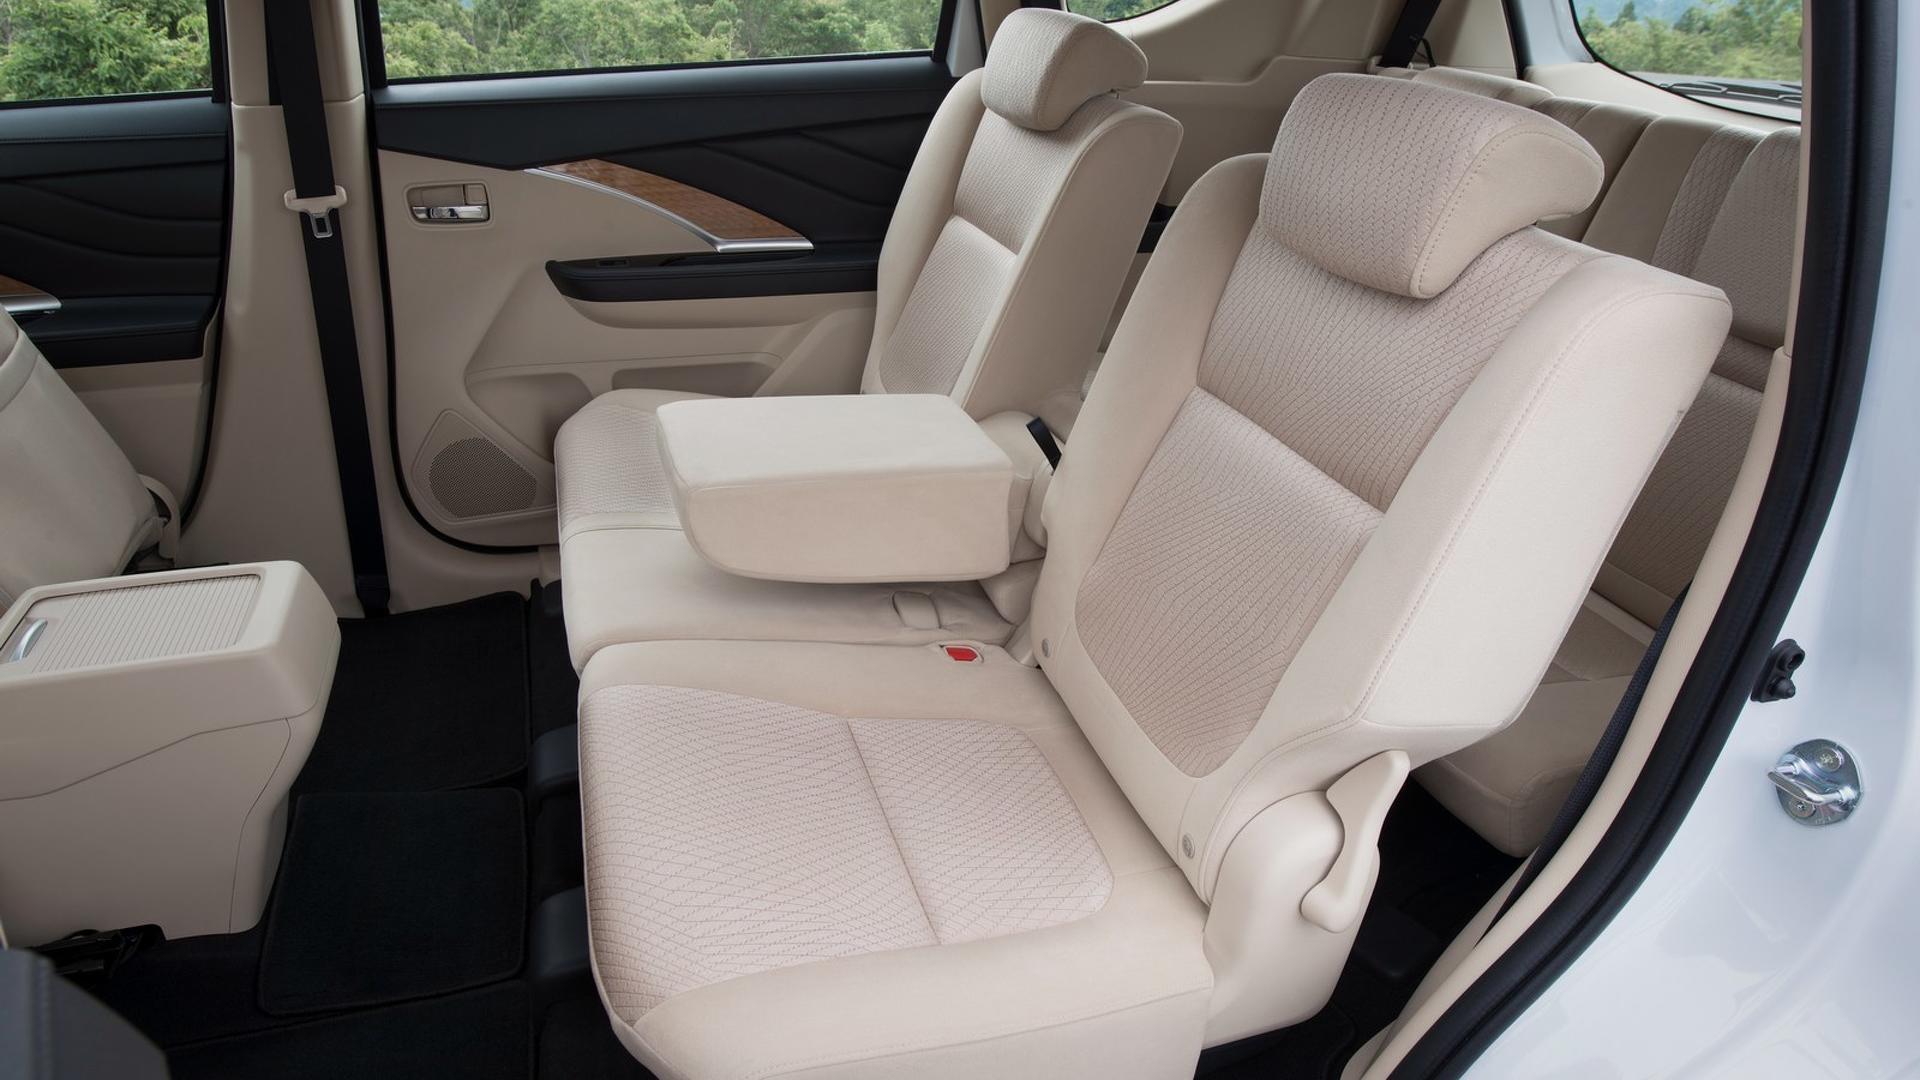 Mitsubishi-Xpander-interior_4